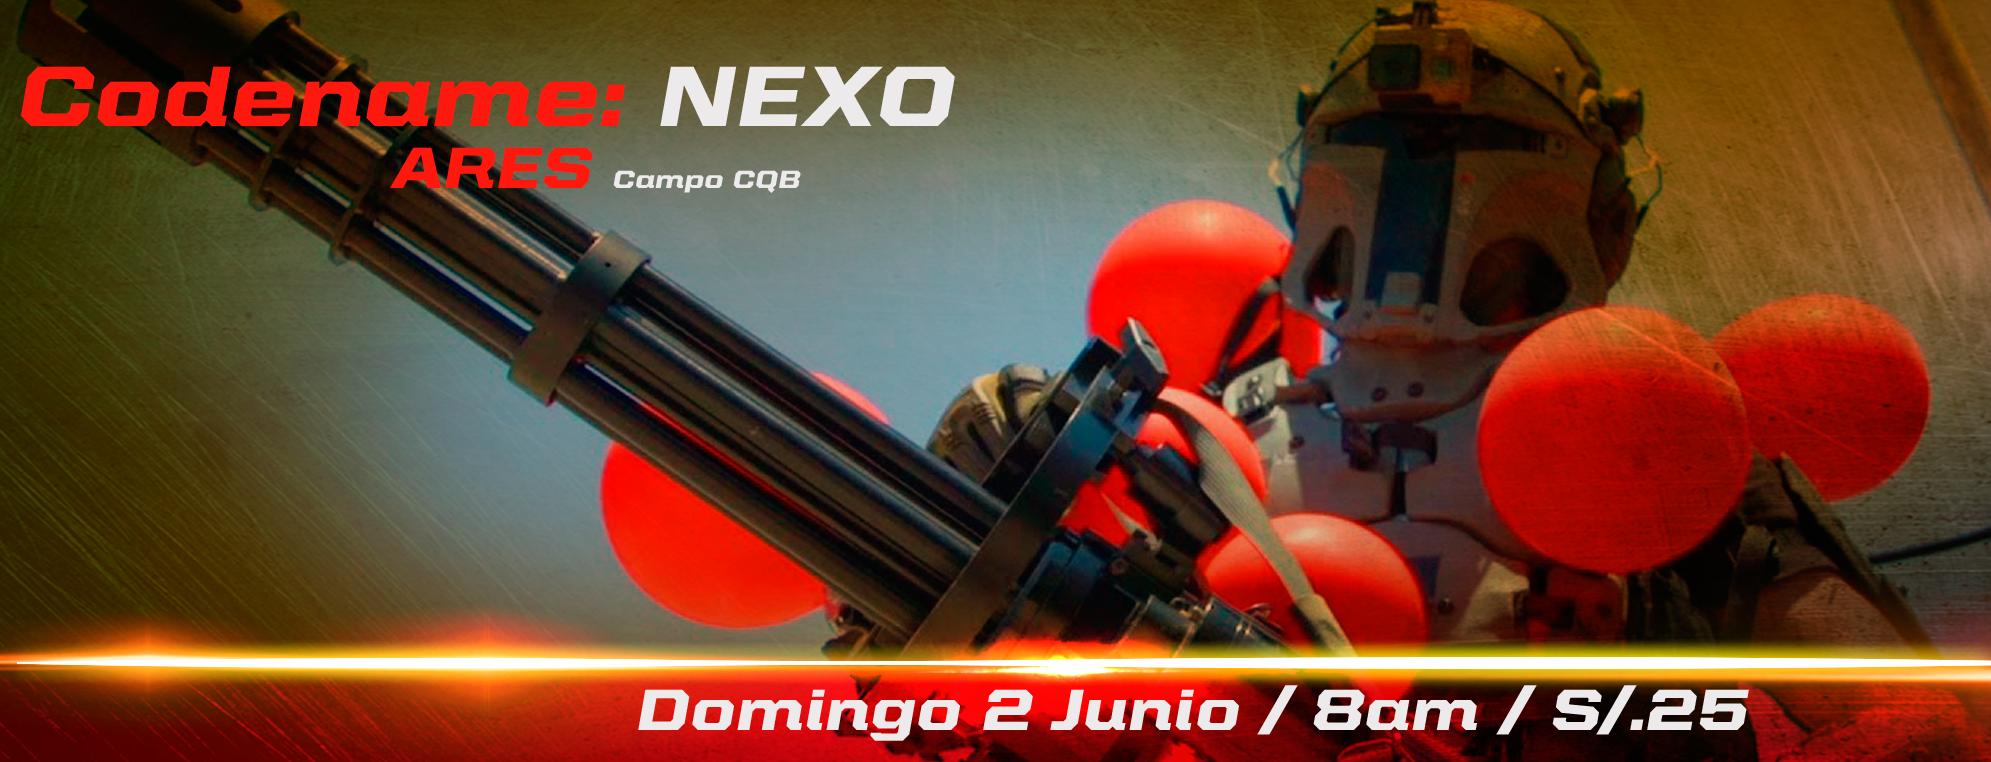 Codename NEXO